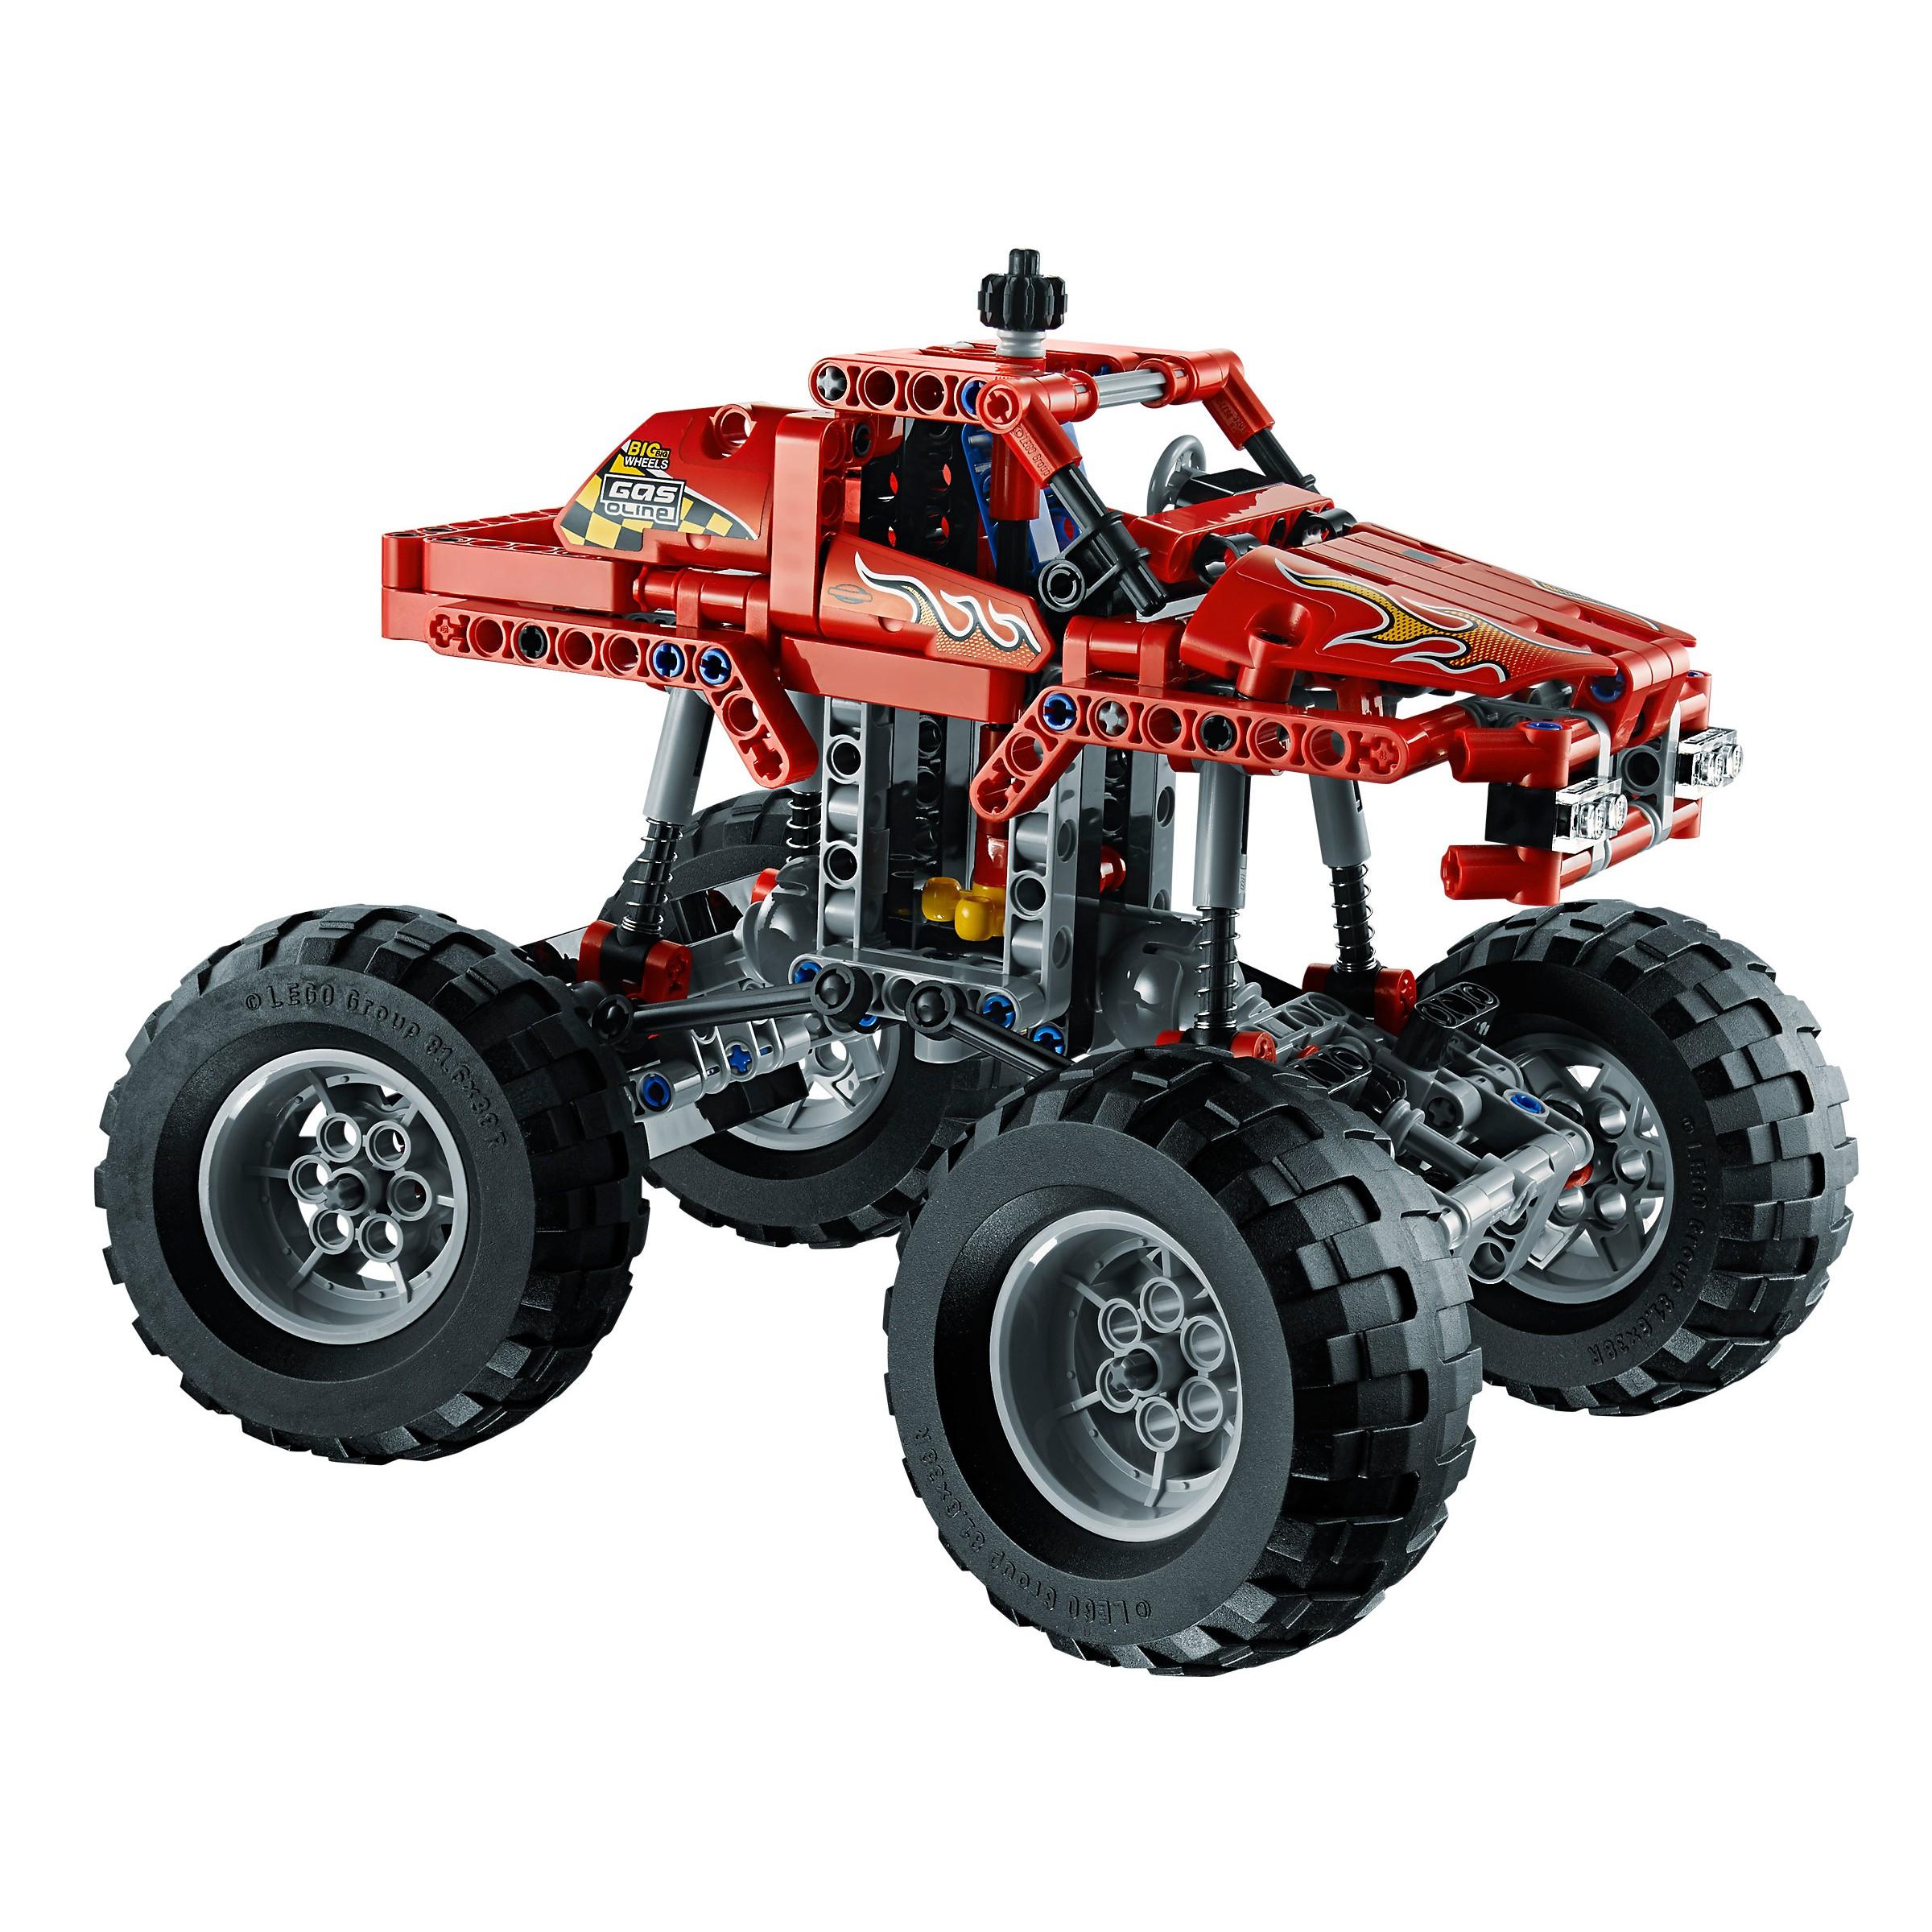 Lego Monster Truck 42005